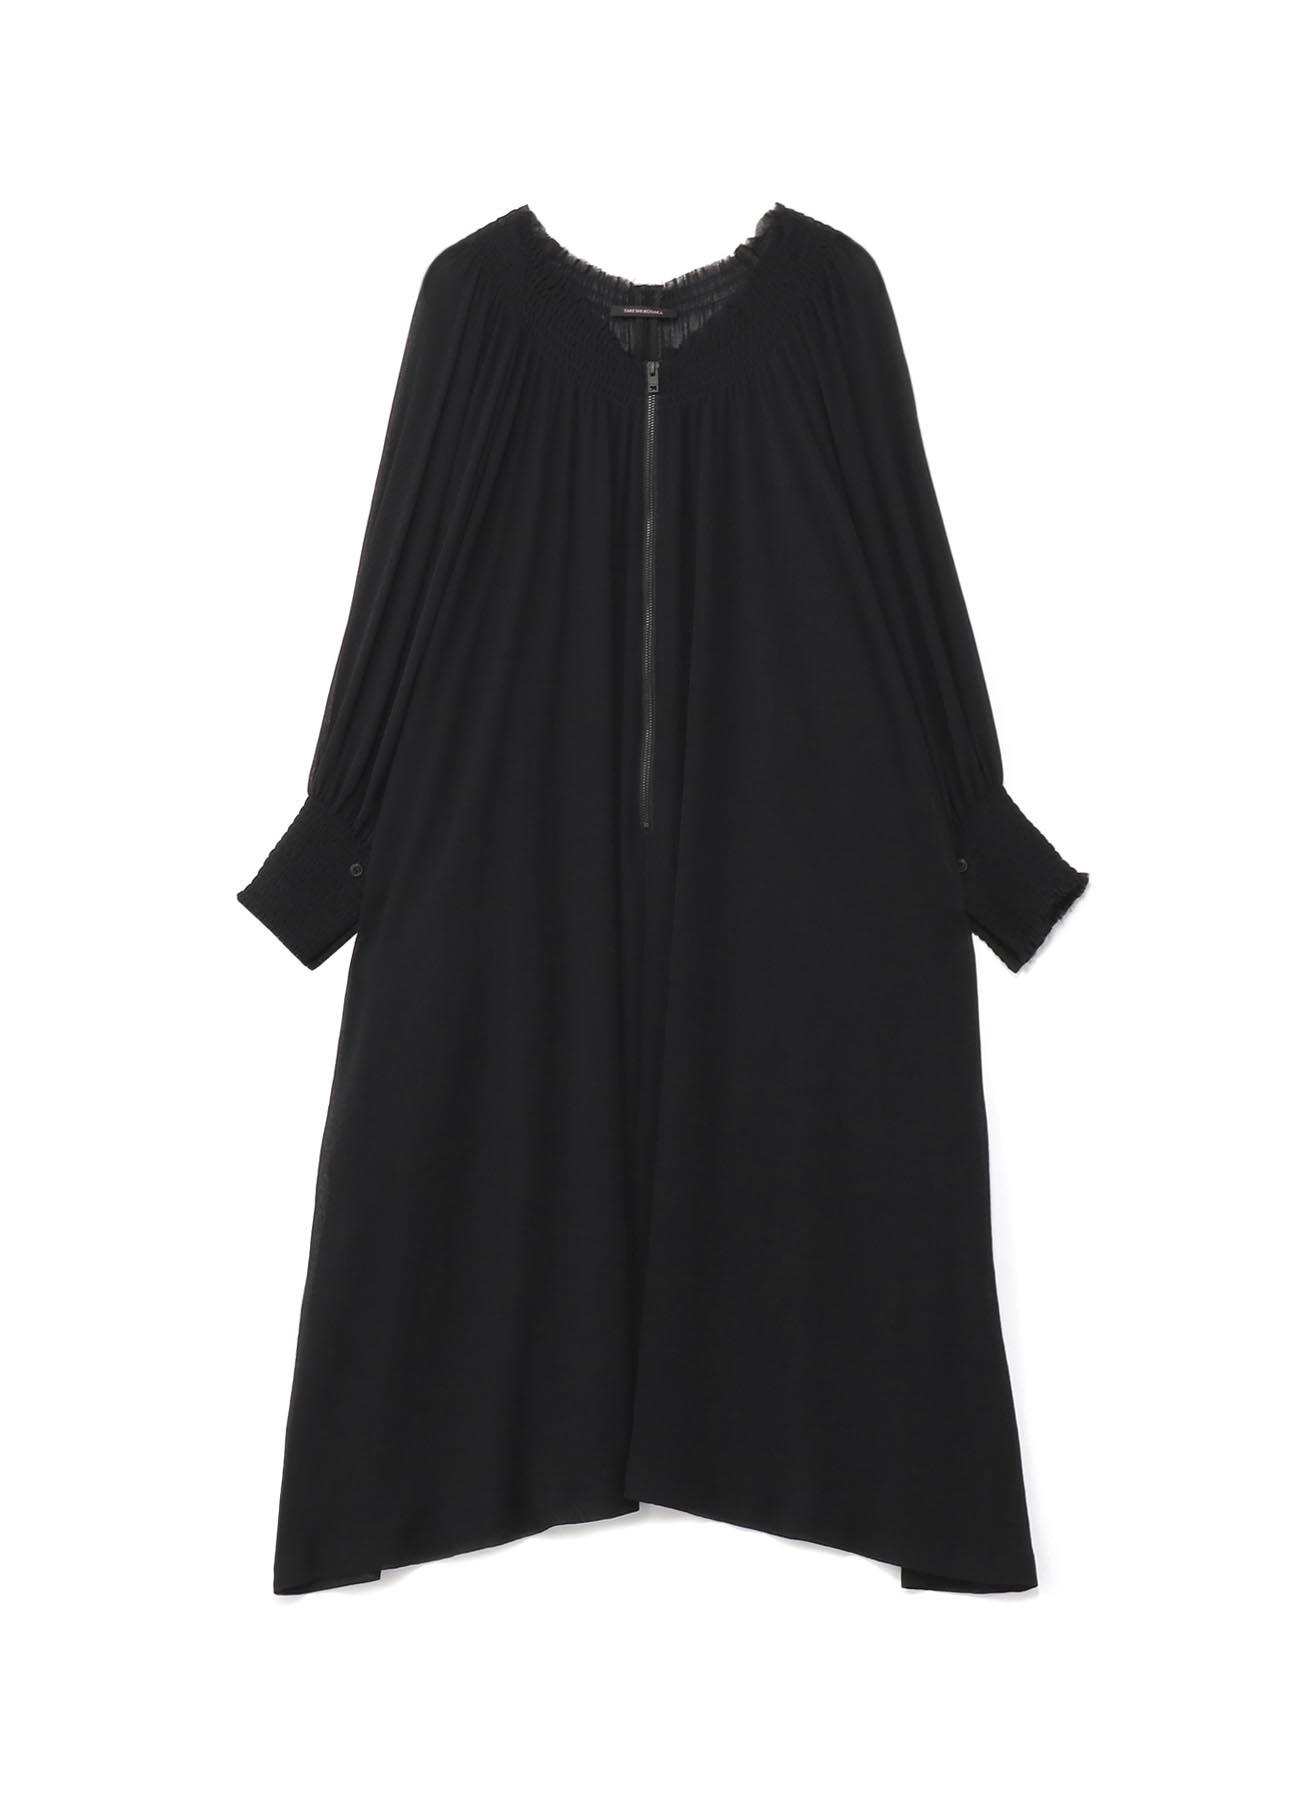 楊柳クレープ ギャザードレス